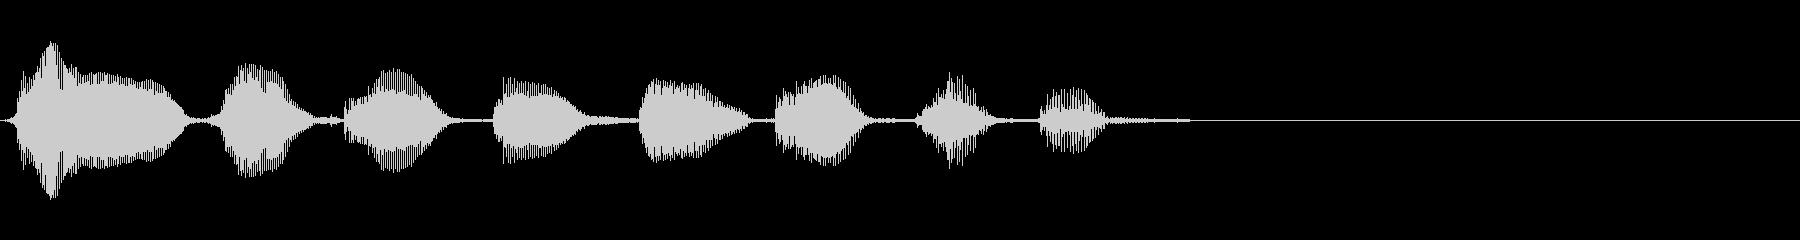 バイオリン:笑いアクセント、漫画コ...の未再生の波形